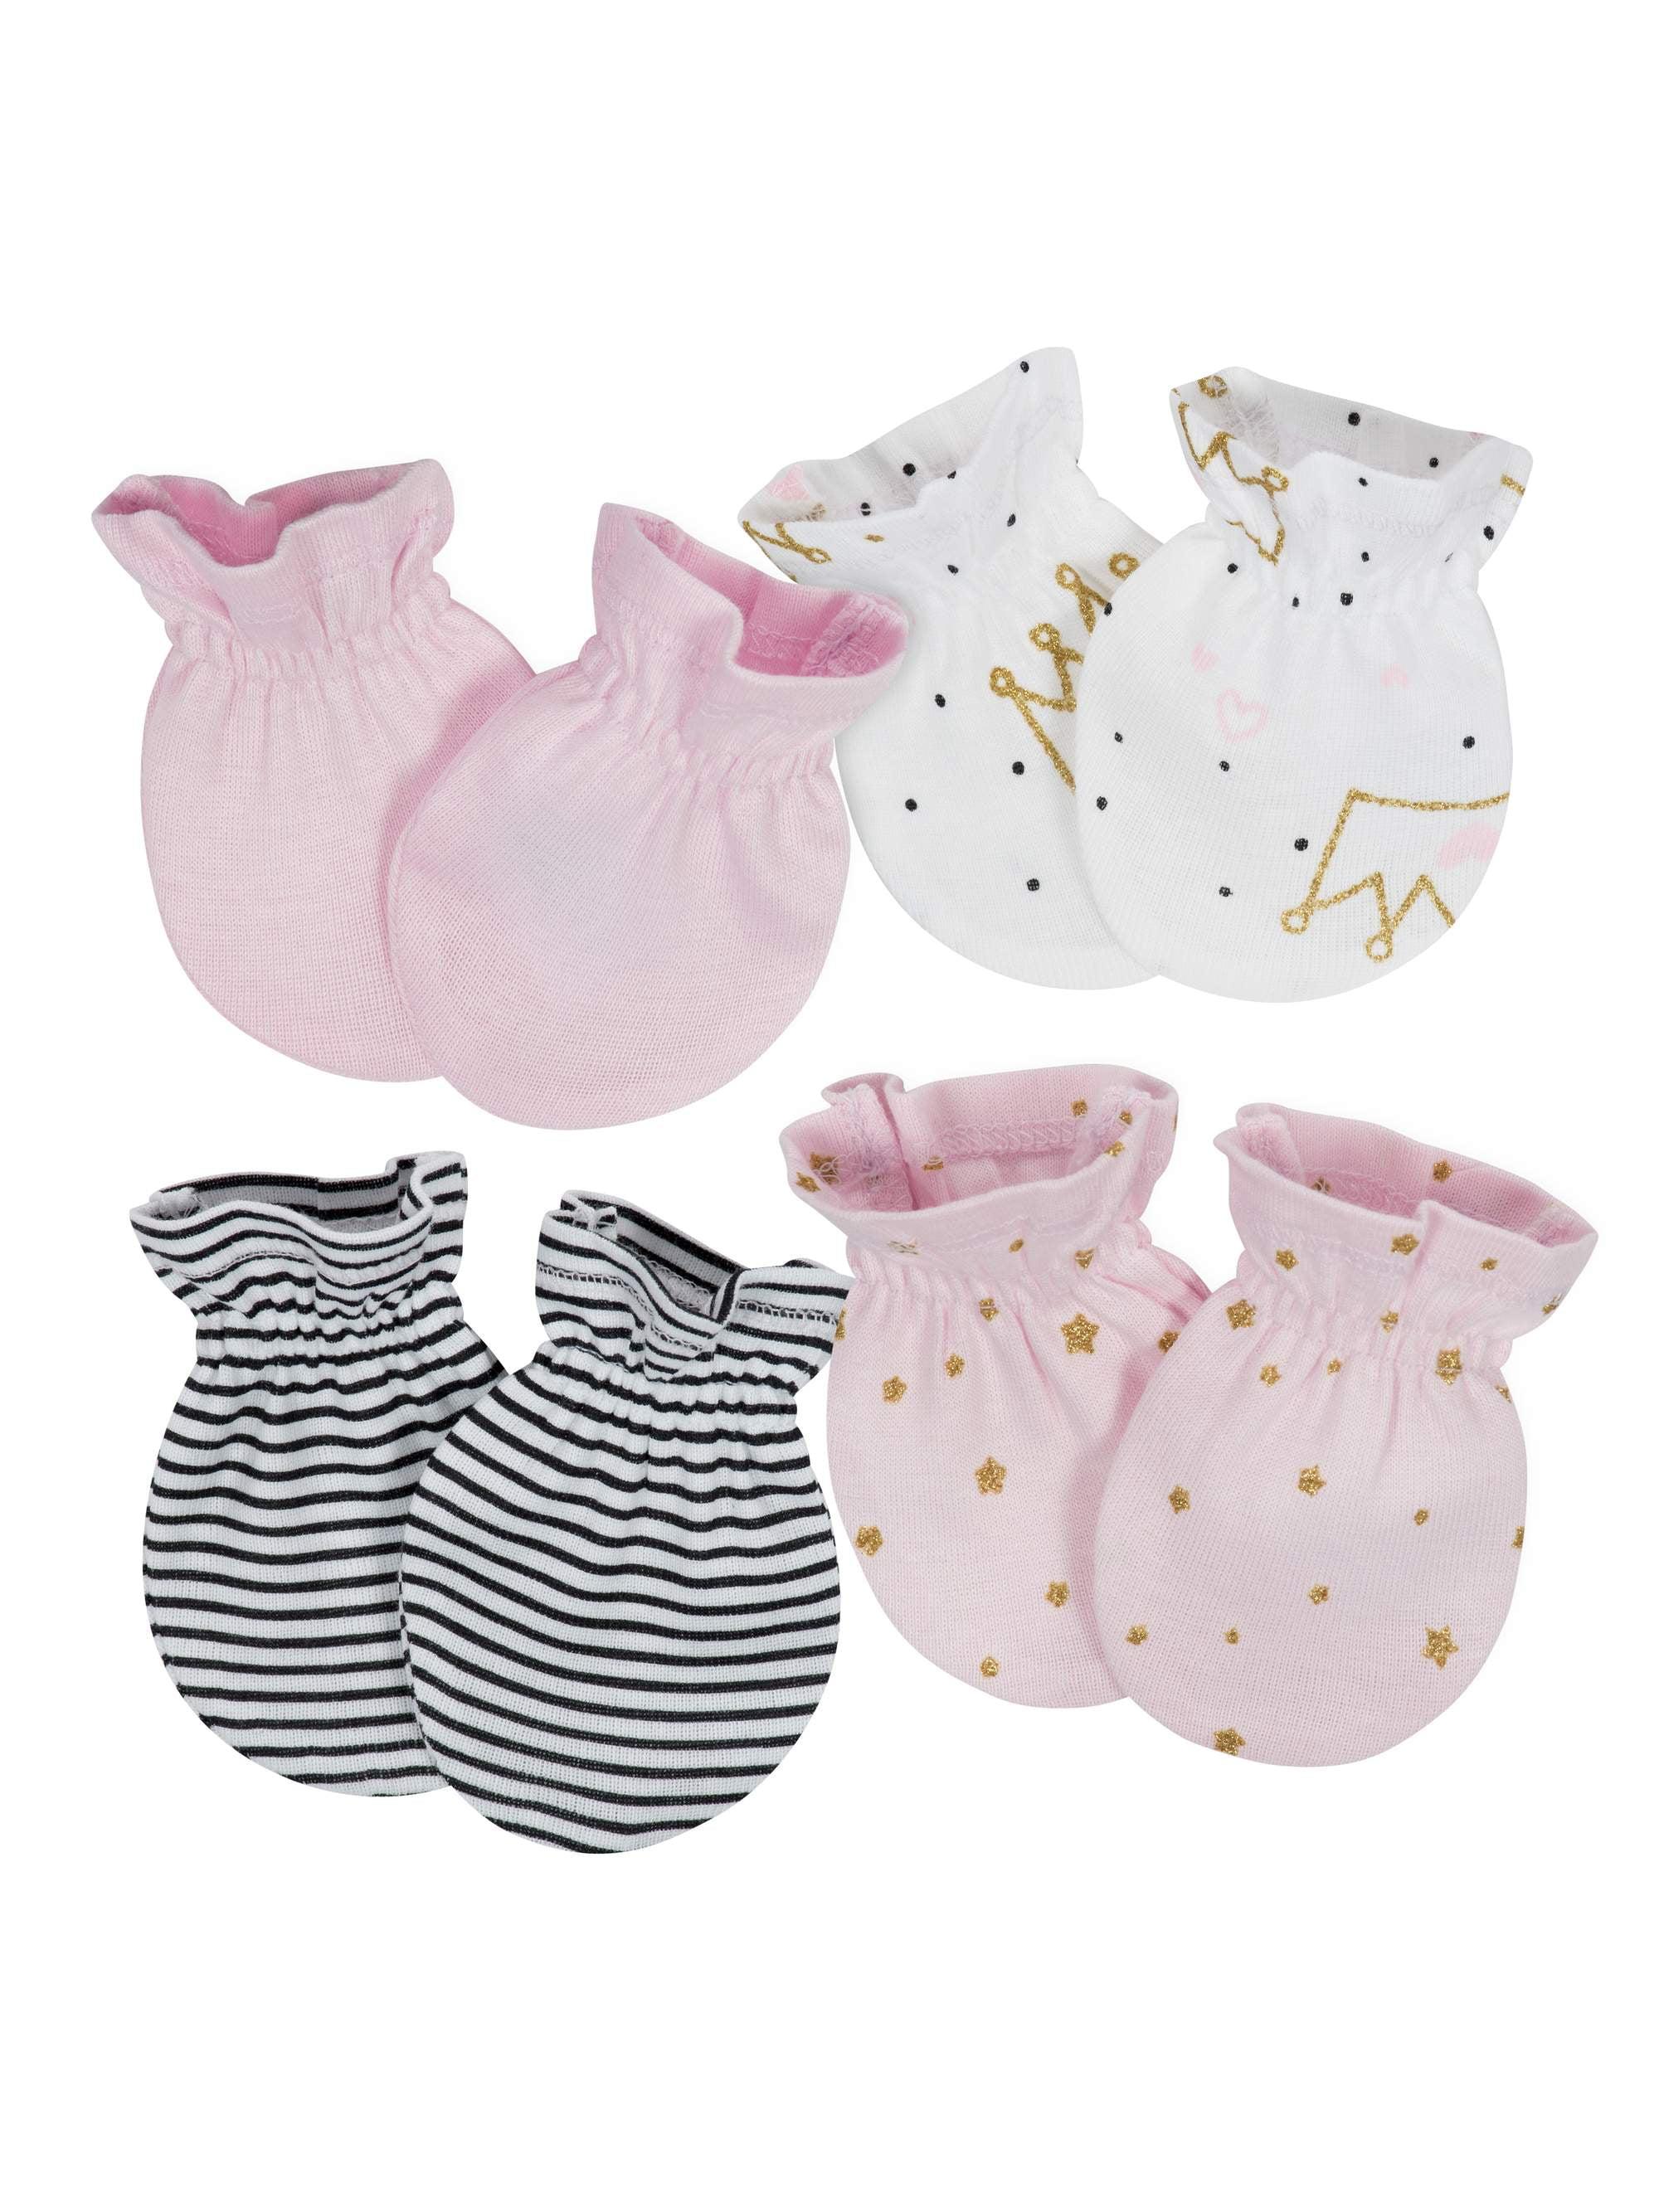 Assorted Mitten Set, 4pk (Baby Girl)